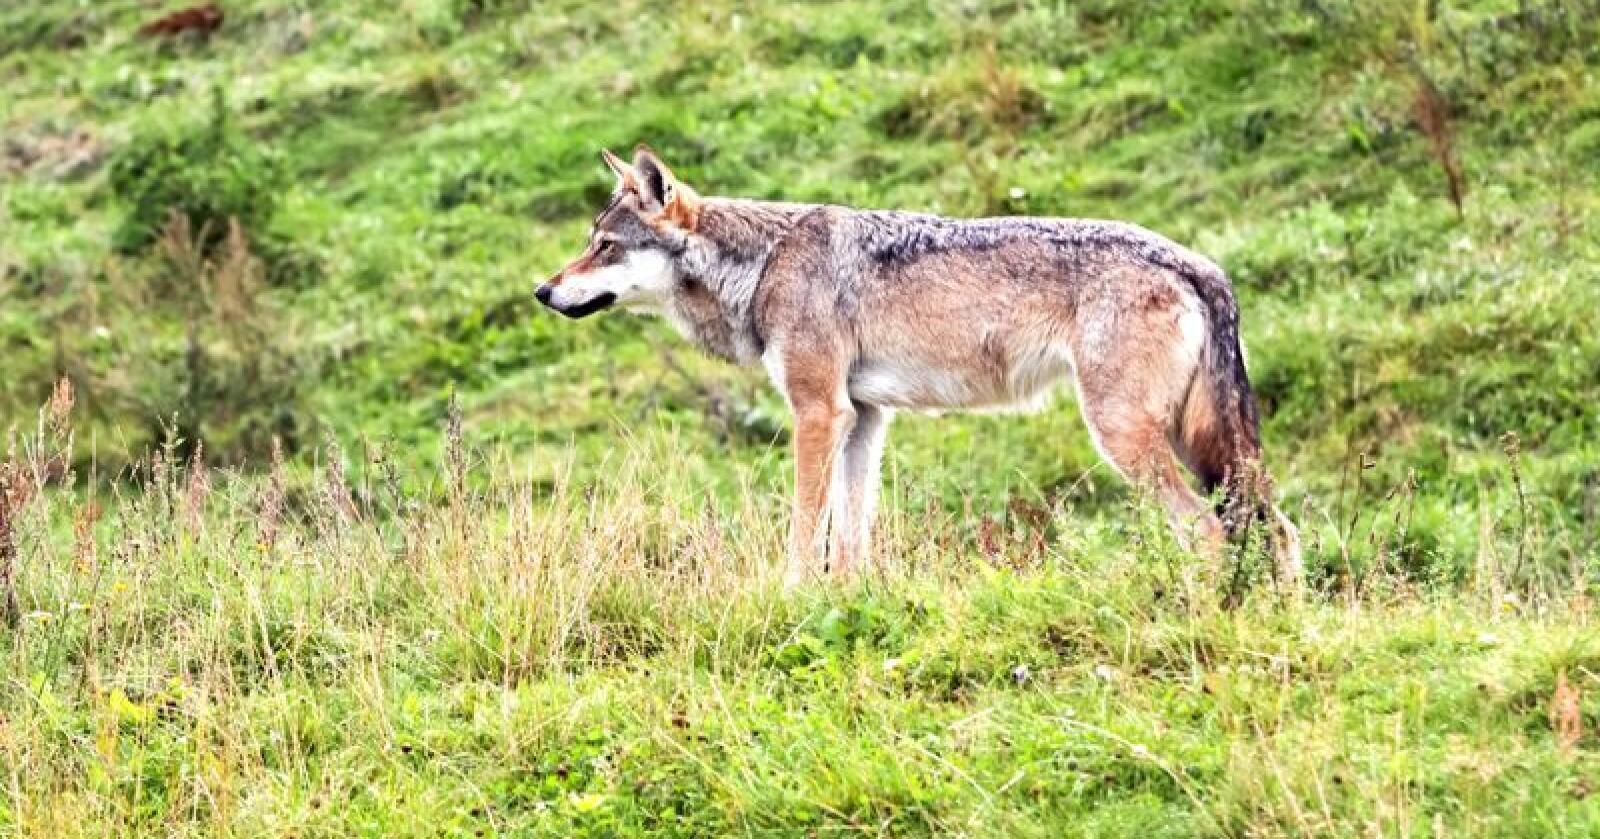 Ulven har det ikke godt i Norge!  Her er det ingen store sammenhengende villmarksområder som i for eksempel Russland og Canada, skriver Ole Kolkind. Foto: Colourbox